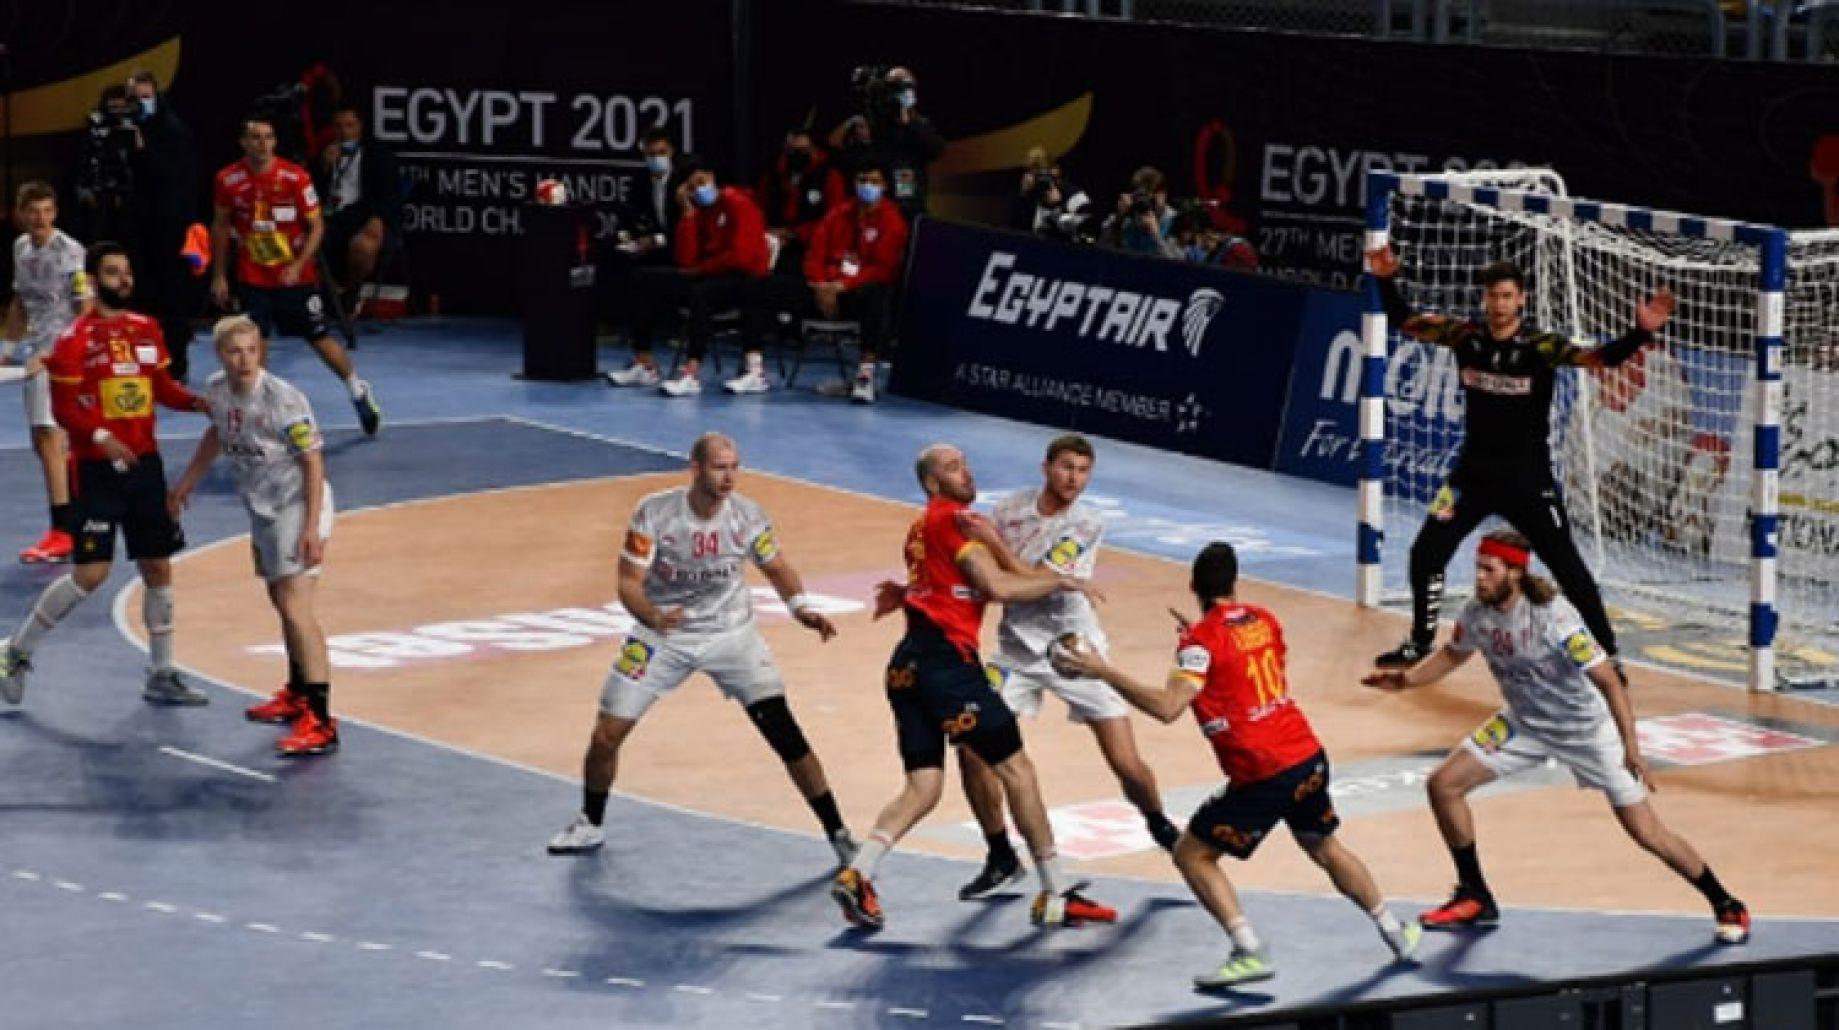 الدنمارك تفوز على إسبانيا وتواجه السويد في نهائي مونديال اليد «مصر 2021»